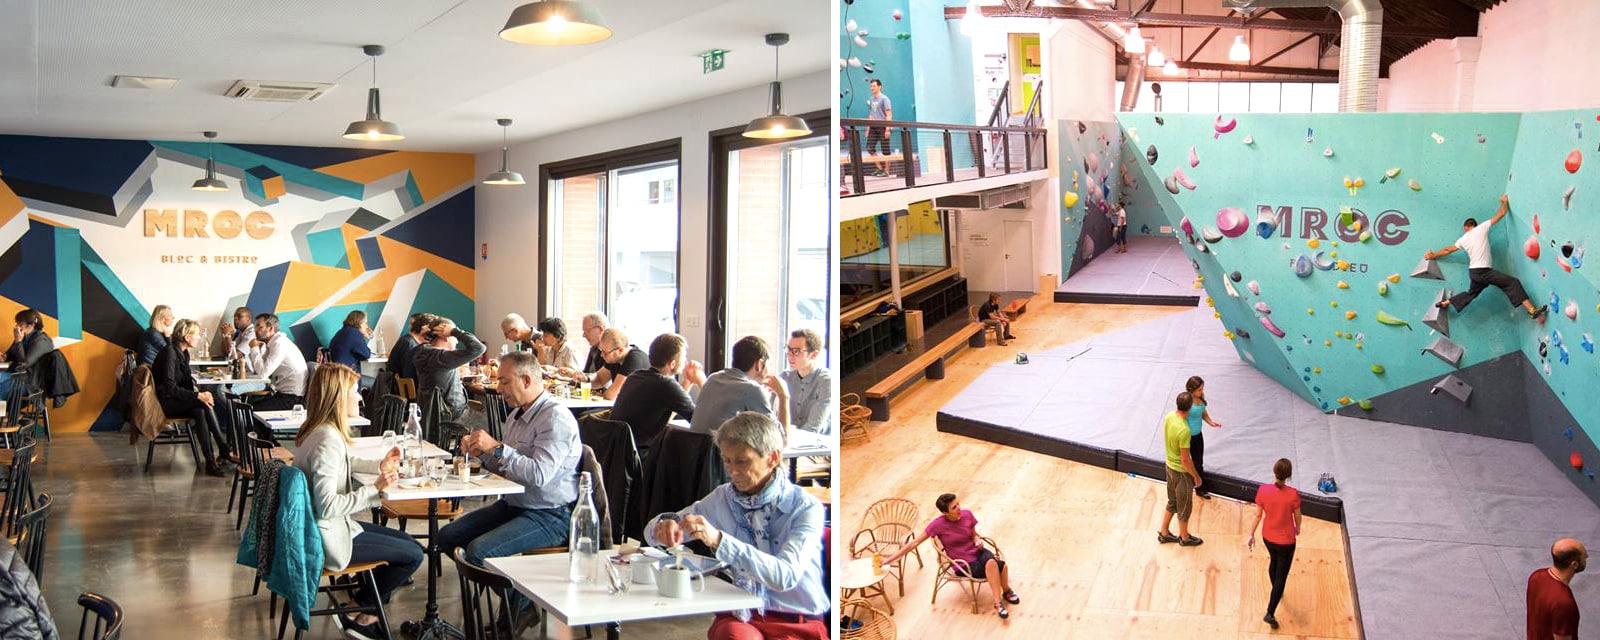 MRoc Part-Dieu - Bistrot et mur d'escalade à Lyon - Sortie en famille, activité indoor